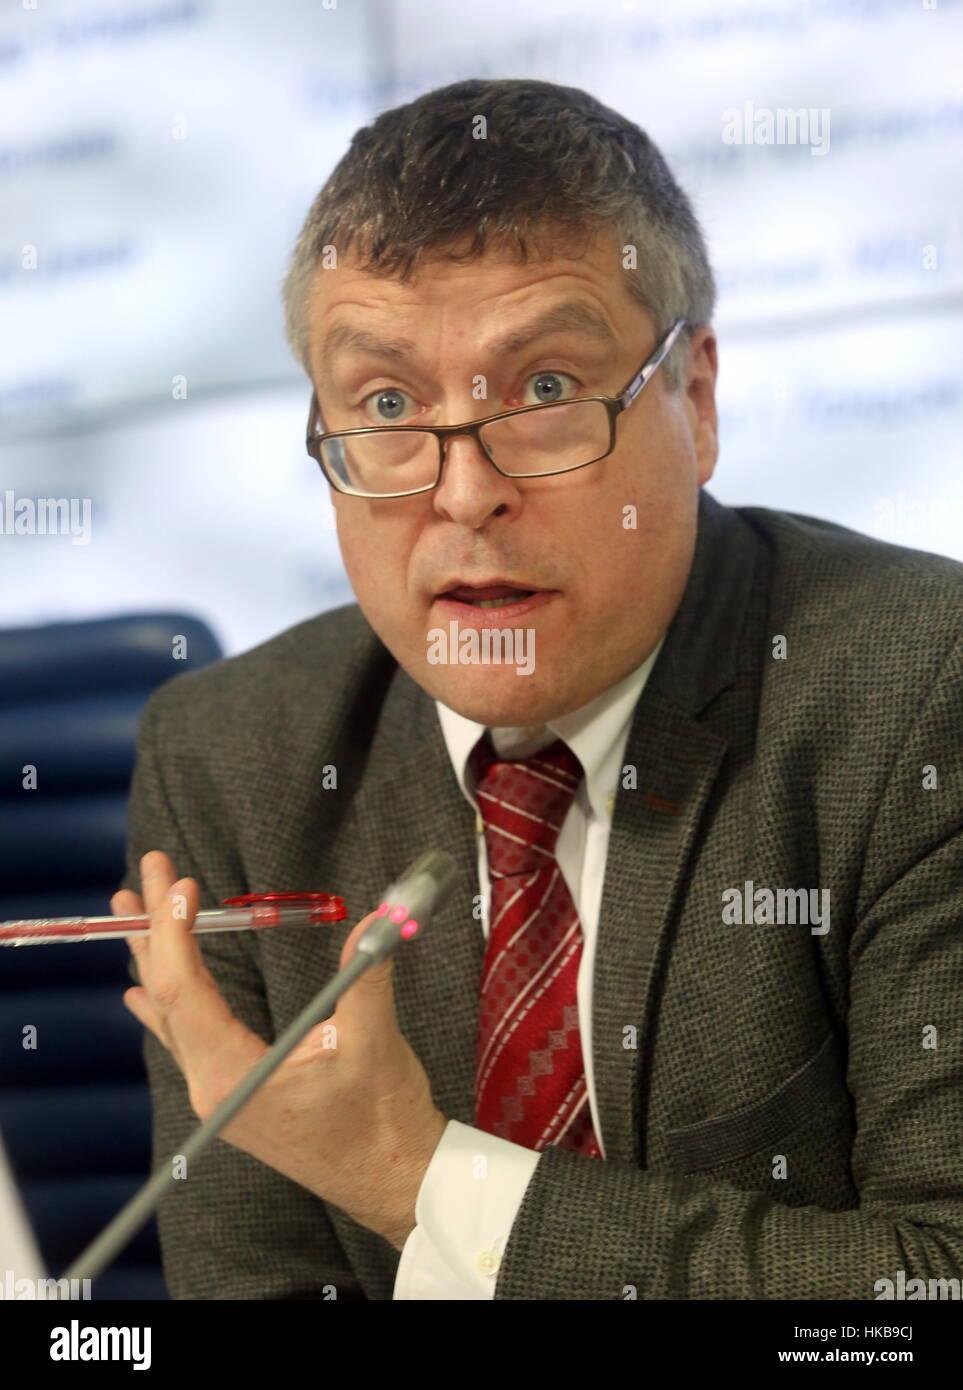 Moscú, Rusia. 27 ene, 2017. Ciaran Devane, jefe ejecutivo del Consejo Británico, en una conferencia de prensa en Foto de stock